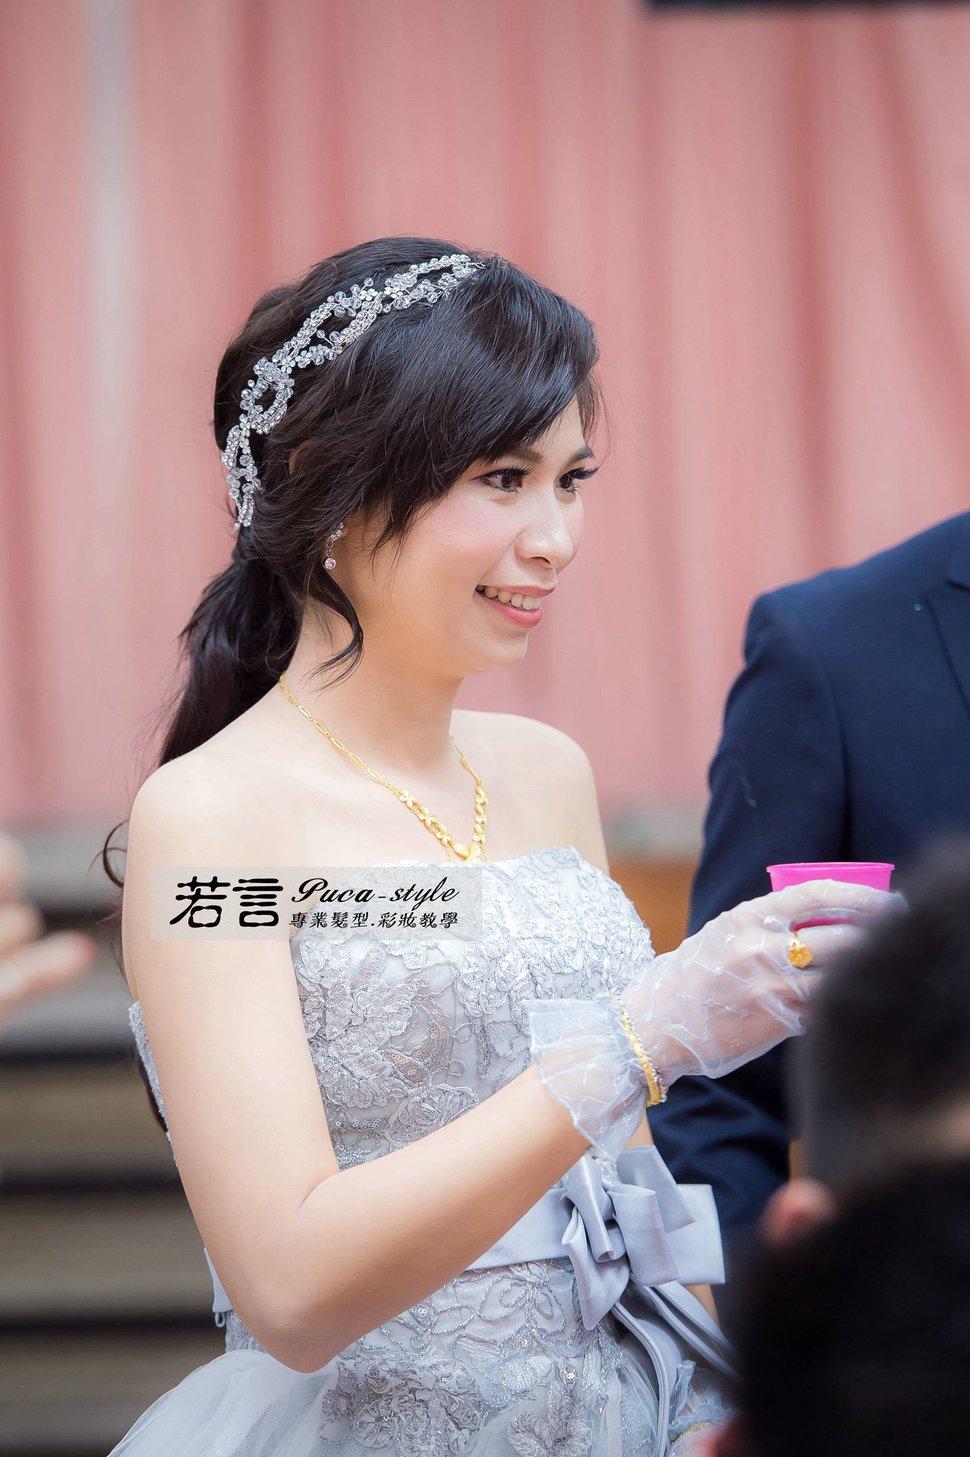 南臺灣新娘秘書韓式(噴槍)新秘團隊(編號:194507) - 若言新娘秘書韓式妝髮 - 結婚吧